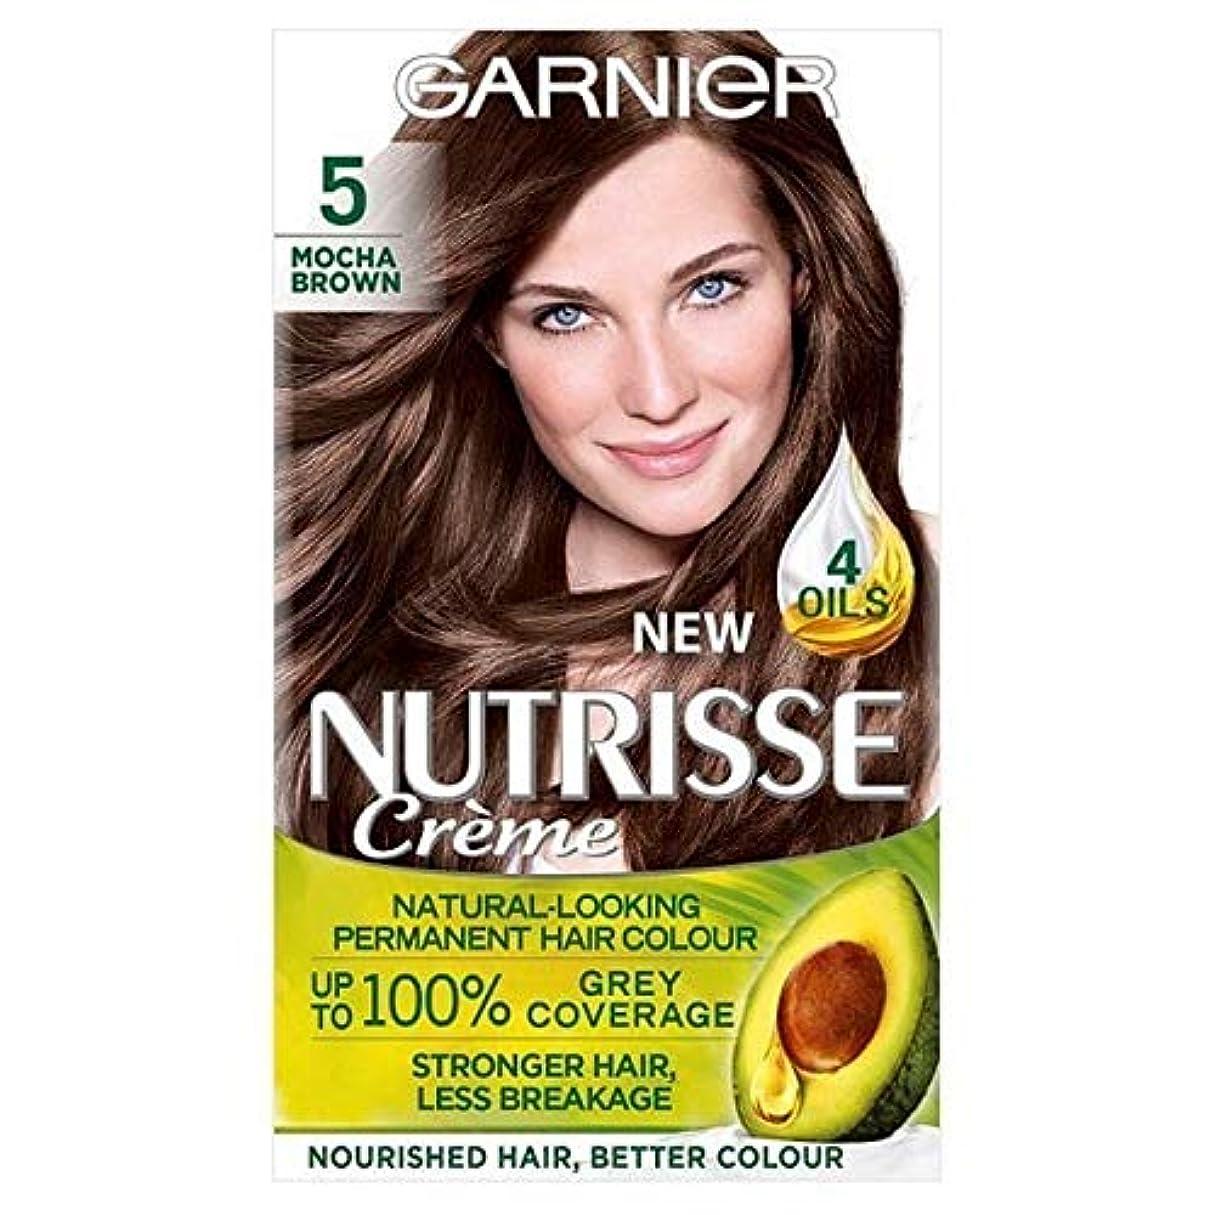 反発パターン変化する[Garnier ] ガルニエNutrisse永久的な毛髪染料ブラウン5 - Garnier Nutrisse Permanent Hair Dye Brown 5 [並行輸入品]